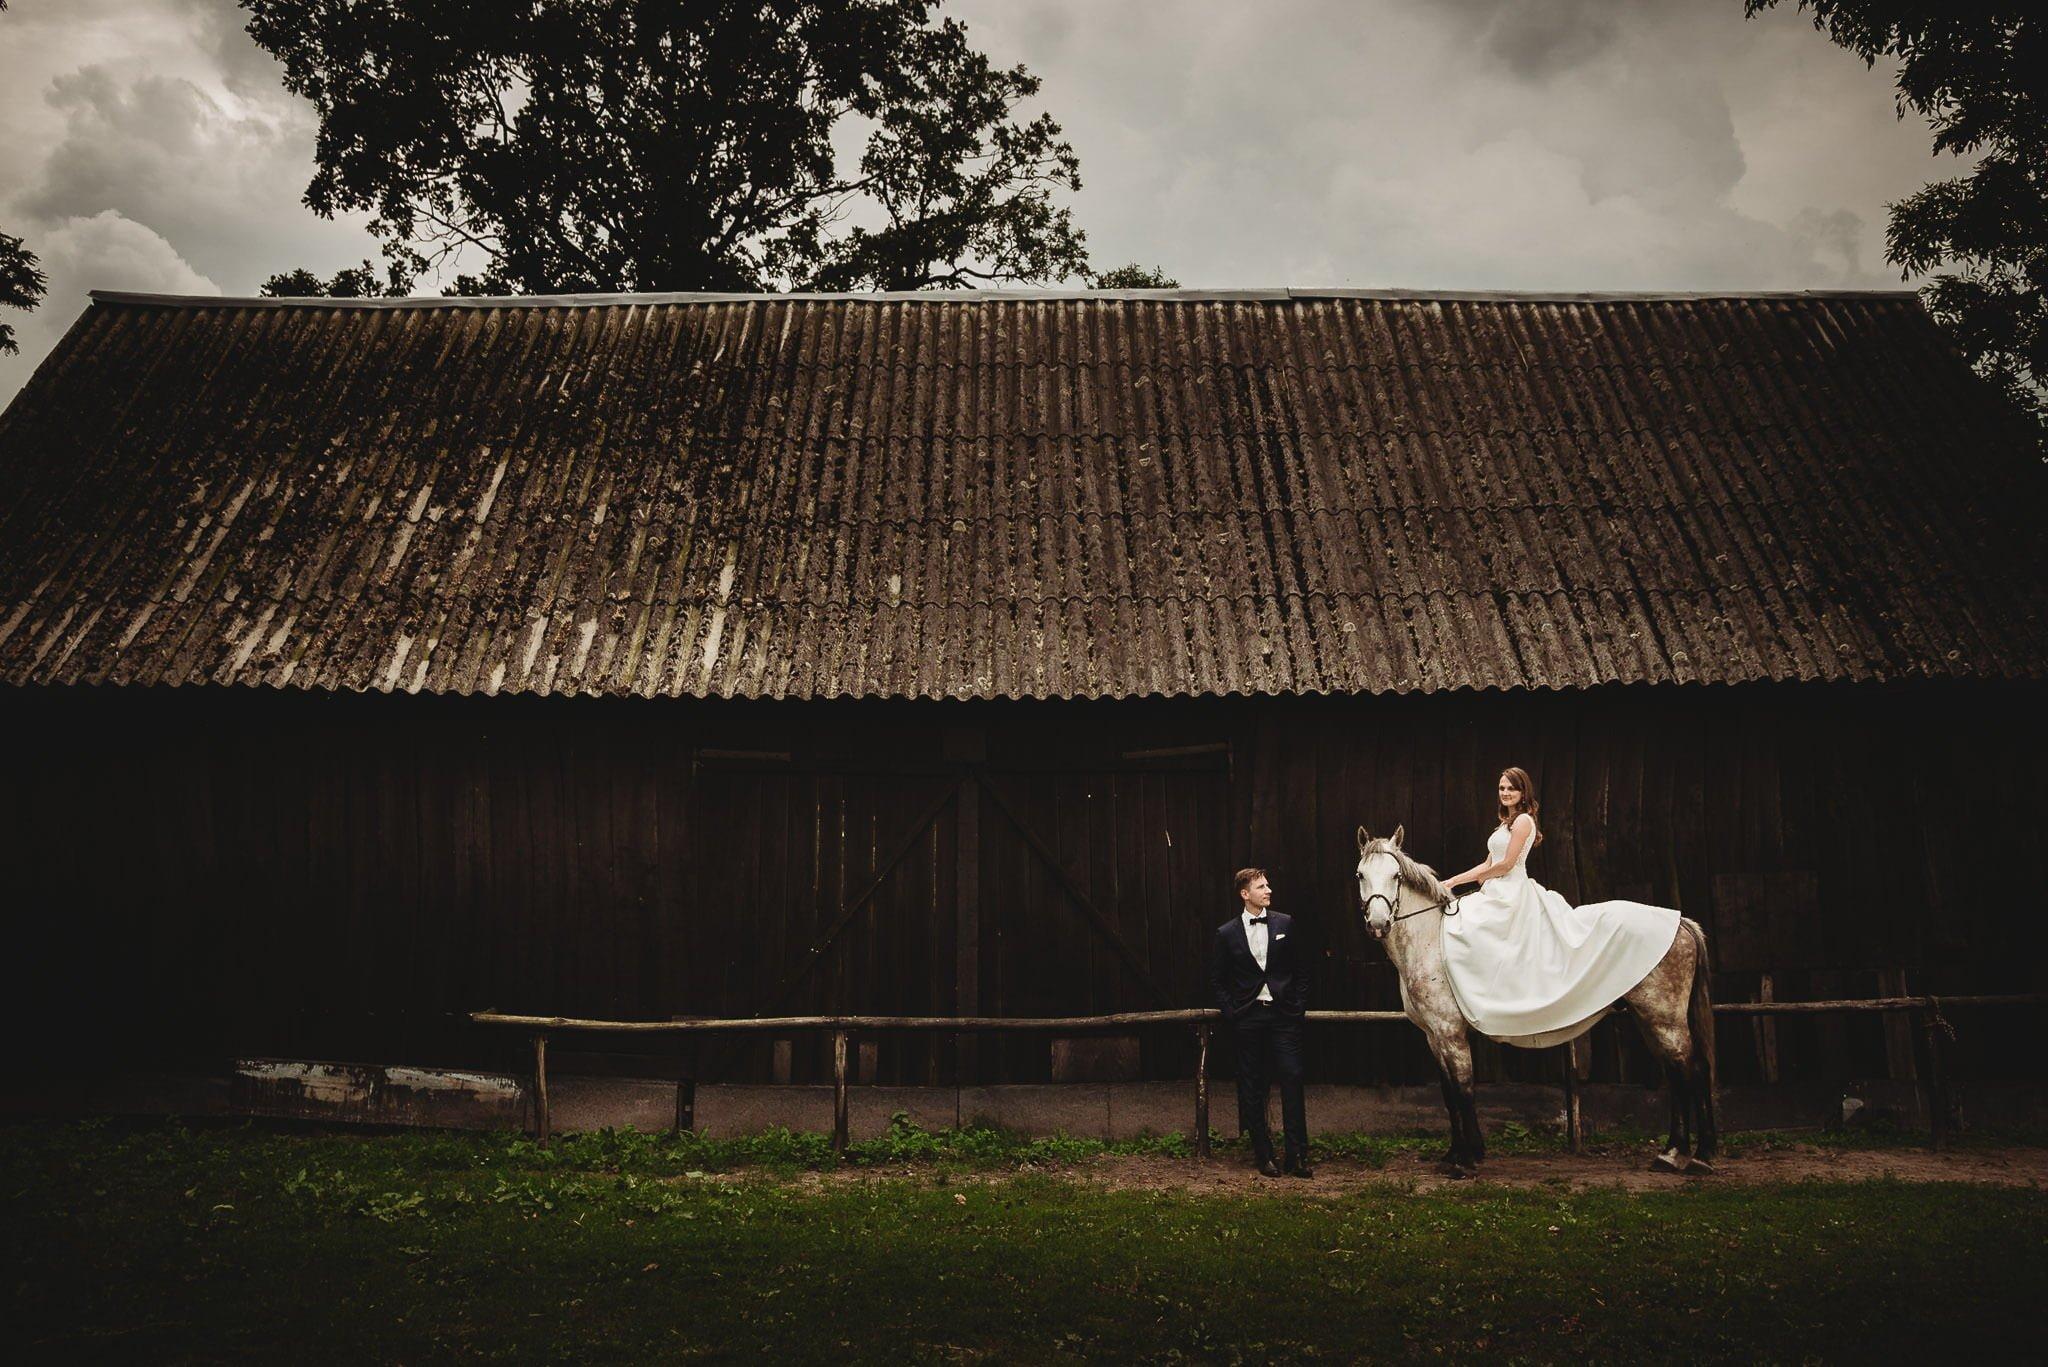 Monika i Michał, wesele w Paryżu i sesja plenerowa w stadninie koni w Czołowie 392